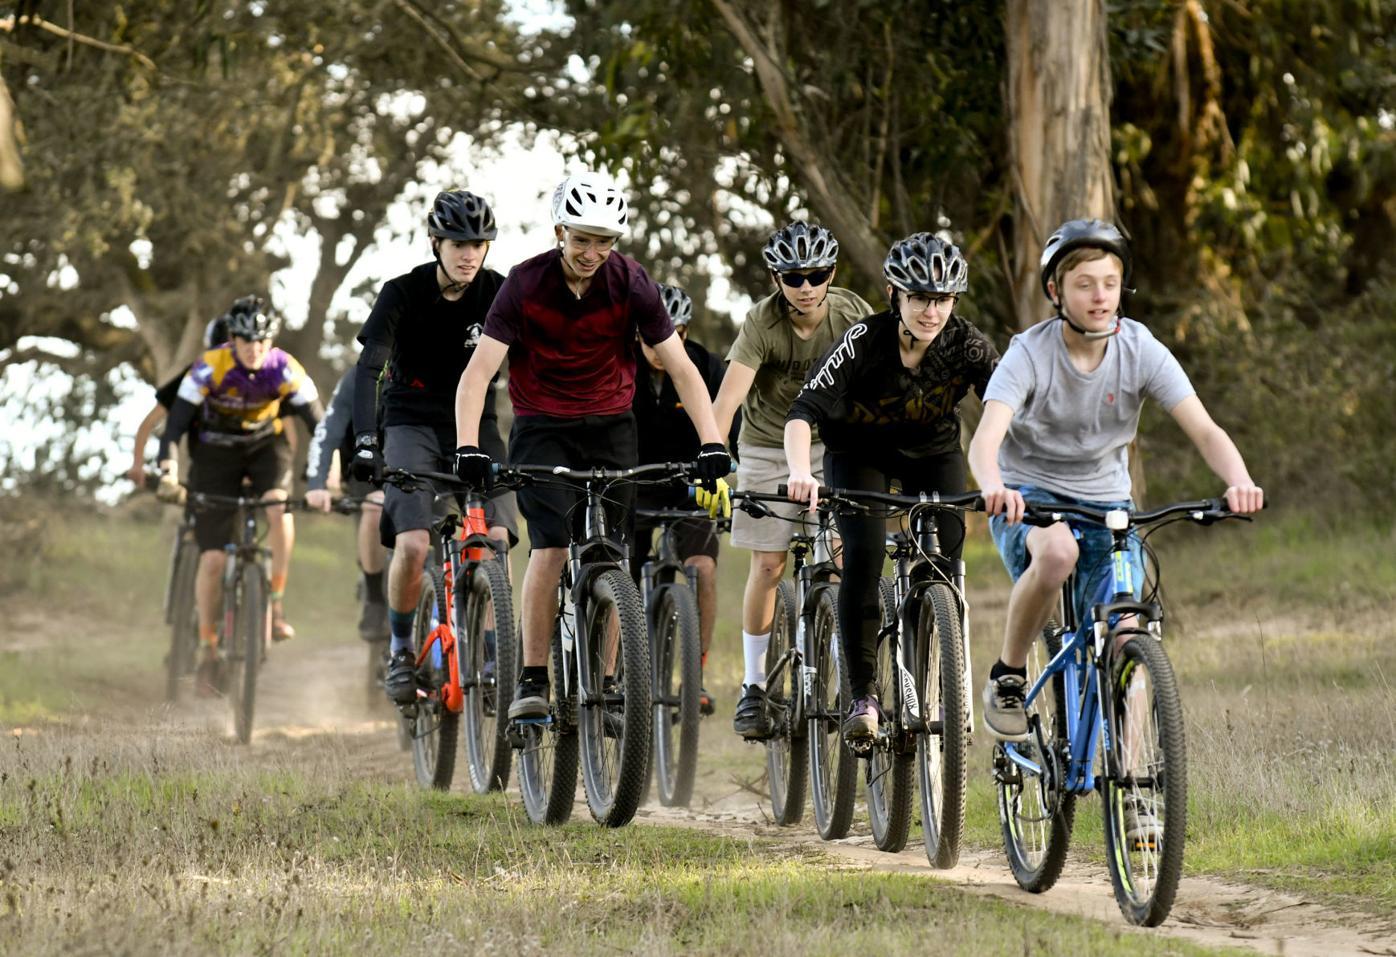 020420 SMV Mountain Bike team 01.jpg